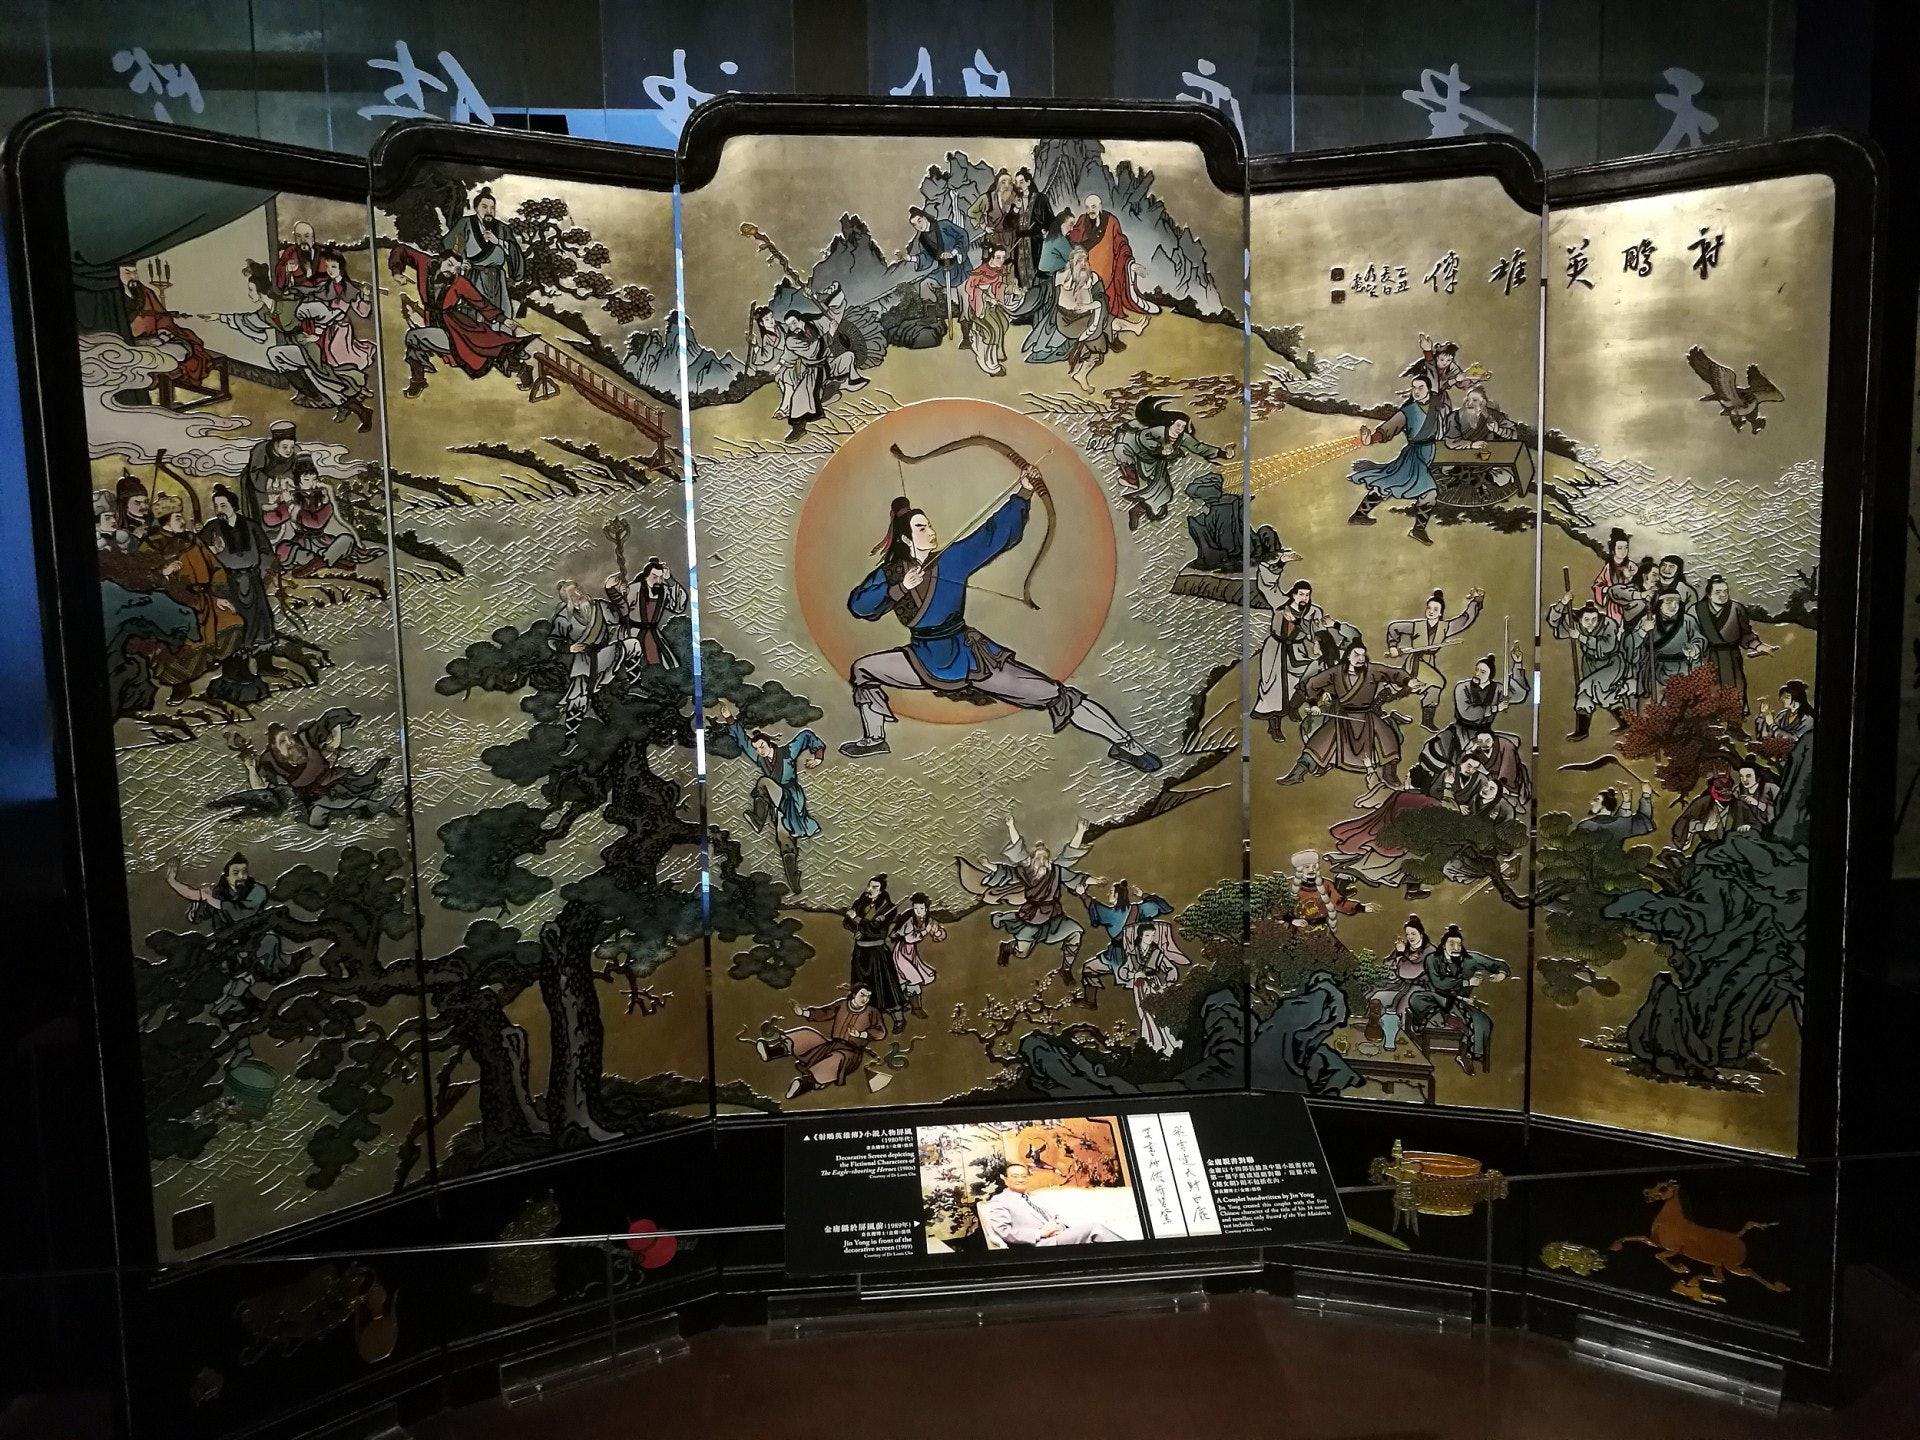 繪畫金庸小說人物的屏風,金庸曾在屏風前拍照留影。(VCG)